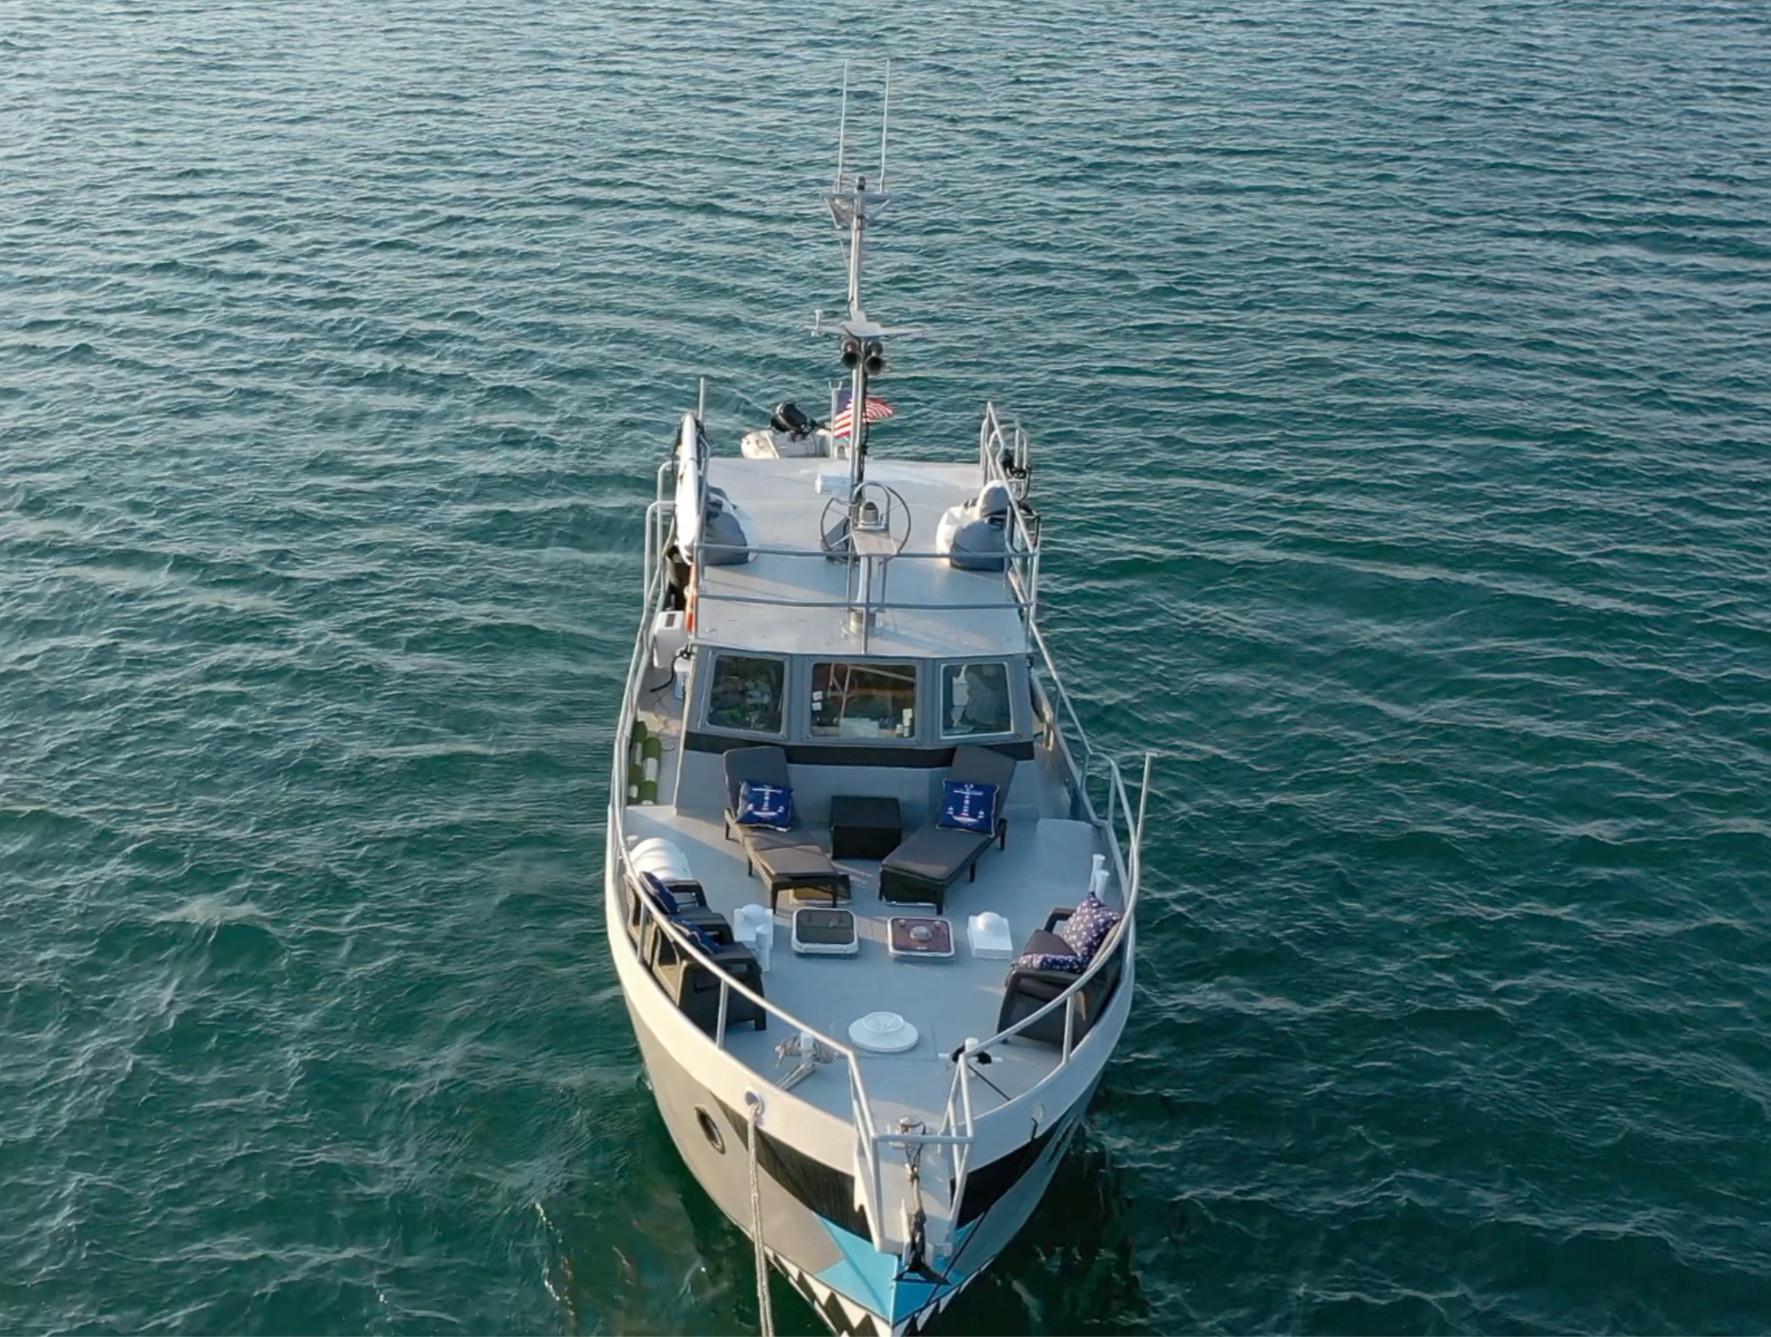 Falmouth Washashore Adventures